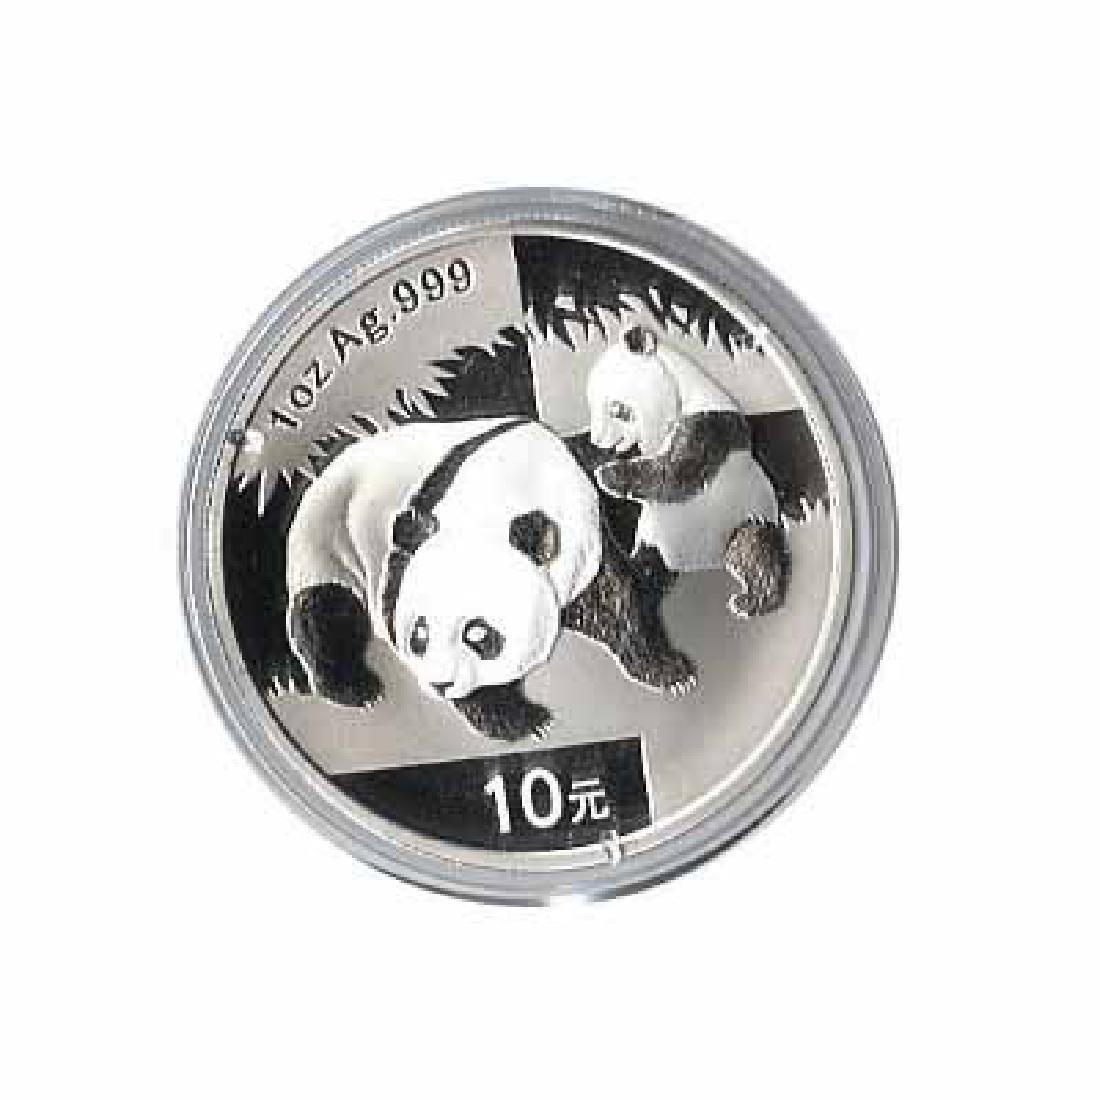 2008 Chinese Silver Panda 1 oz